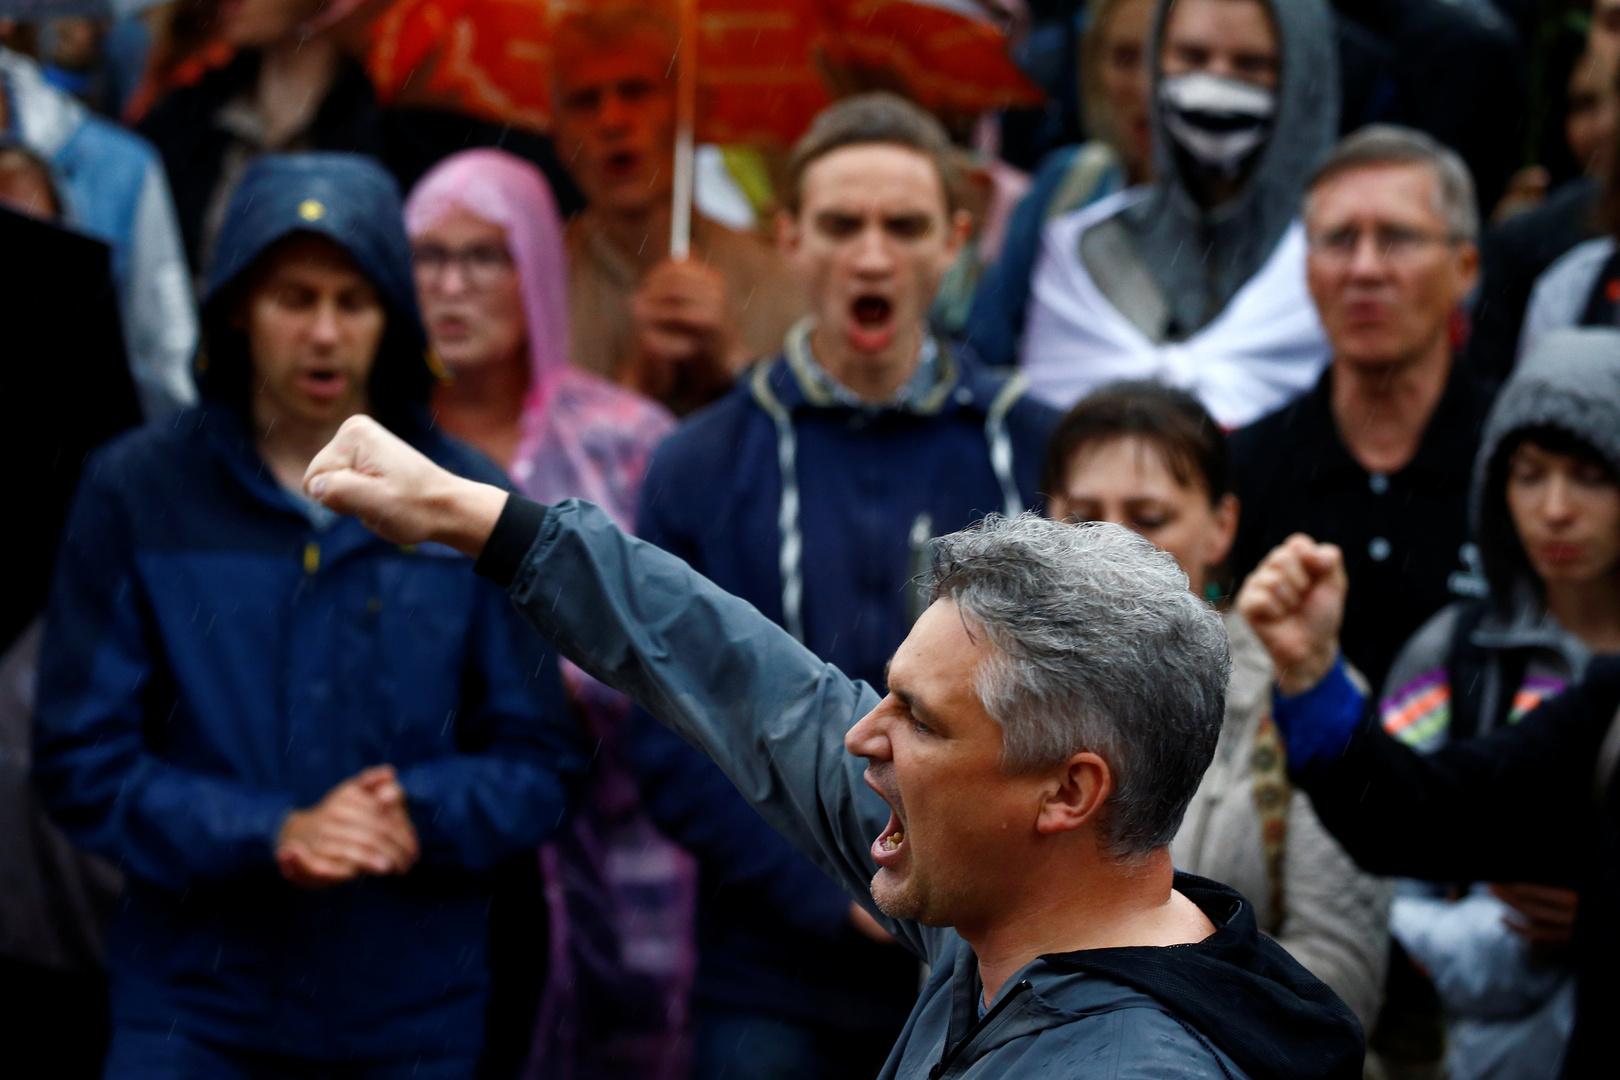 محتجون في مينسك على إعادة انتخاب لوكاشينكو